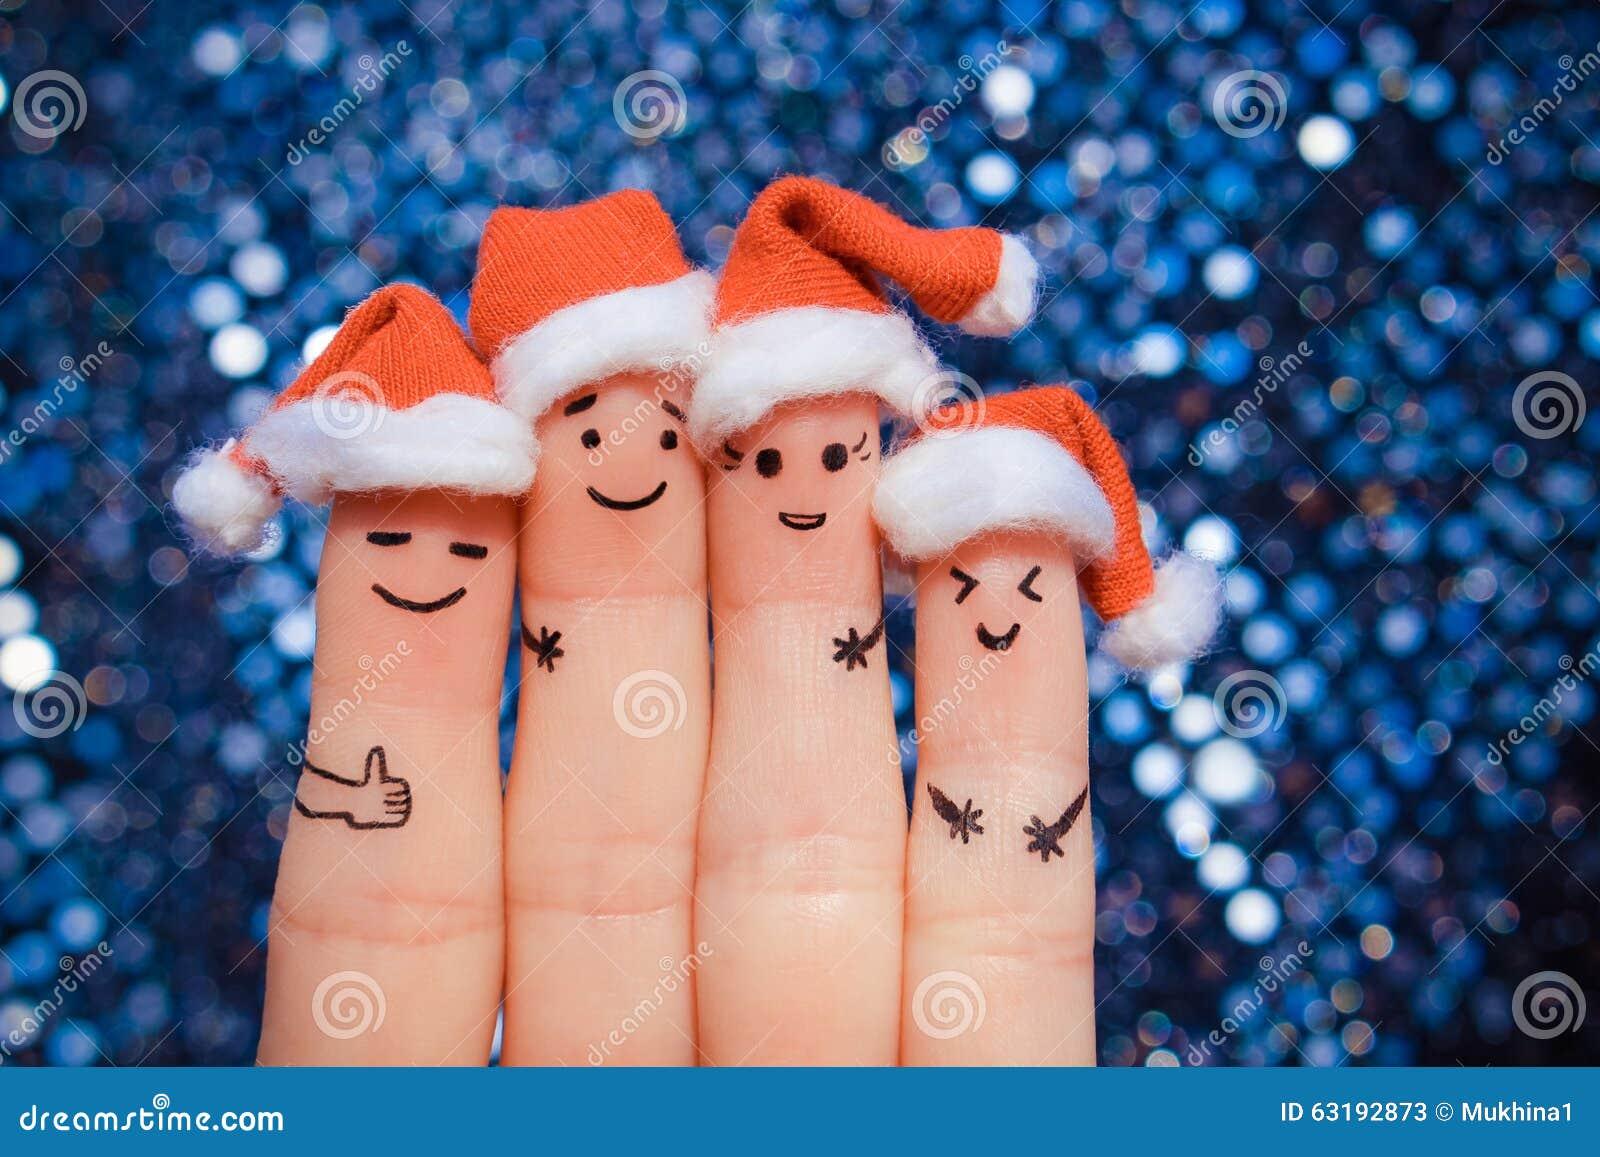 De vingerkunst van vrienden viert Kerstmis